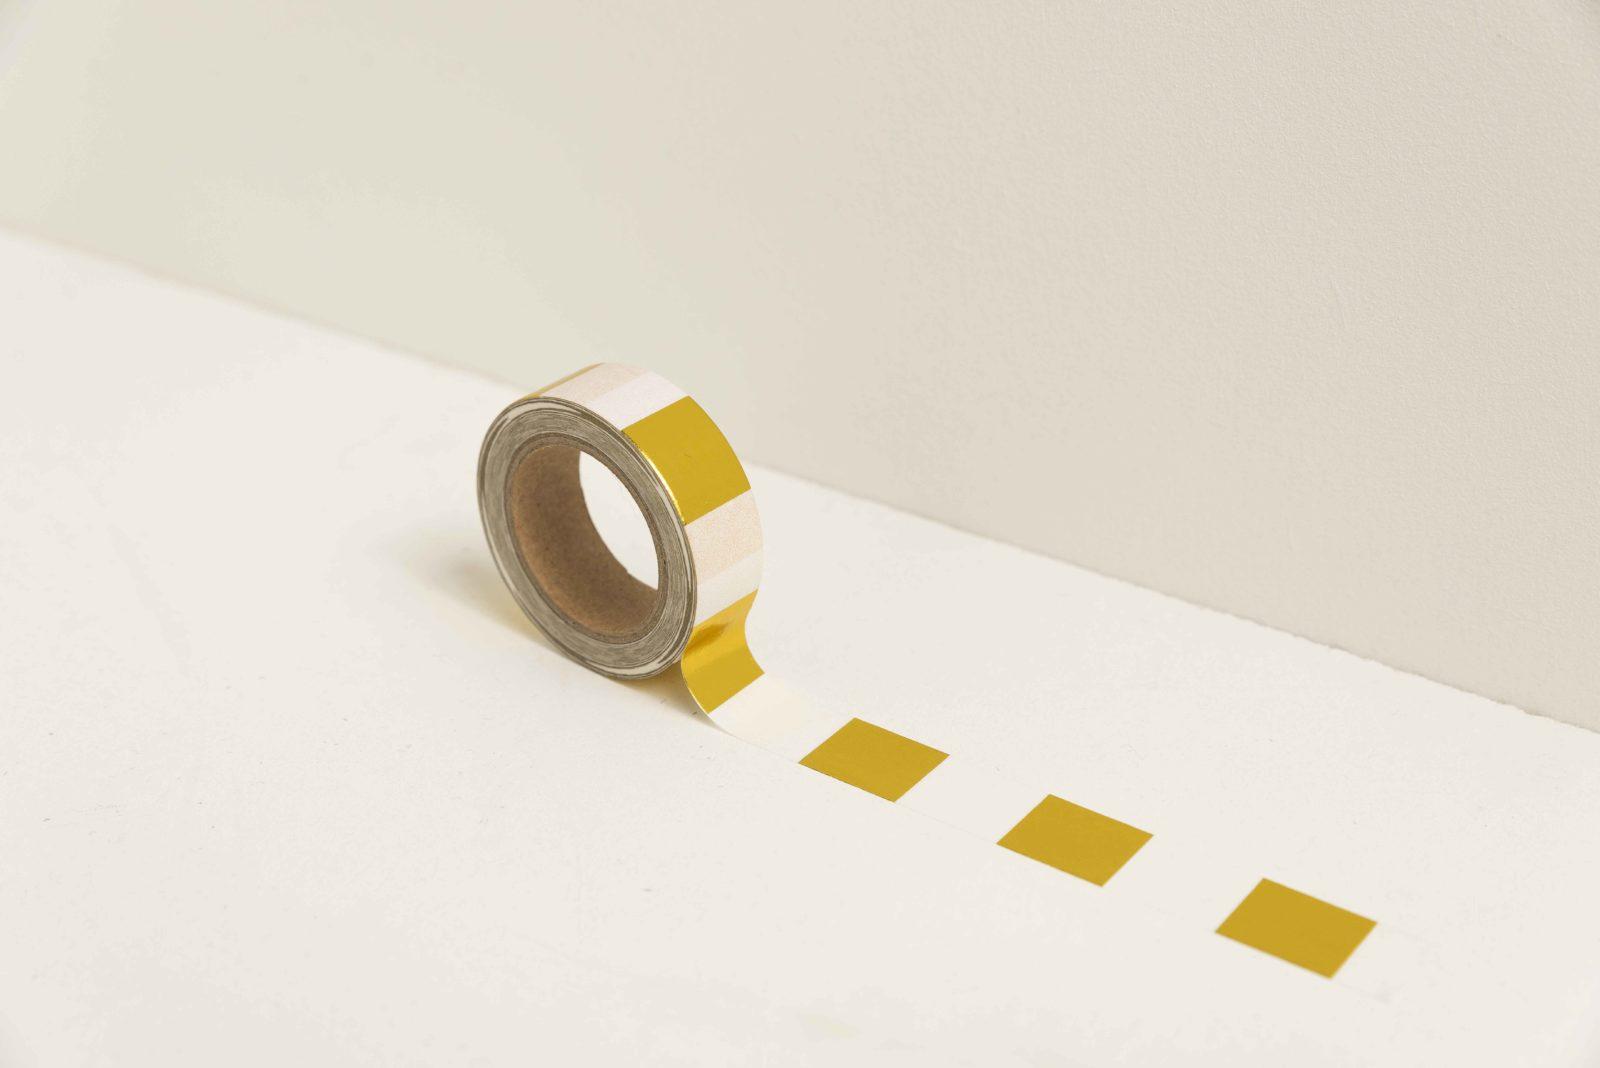 Washi tape gold